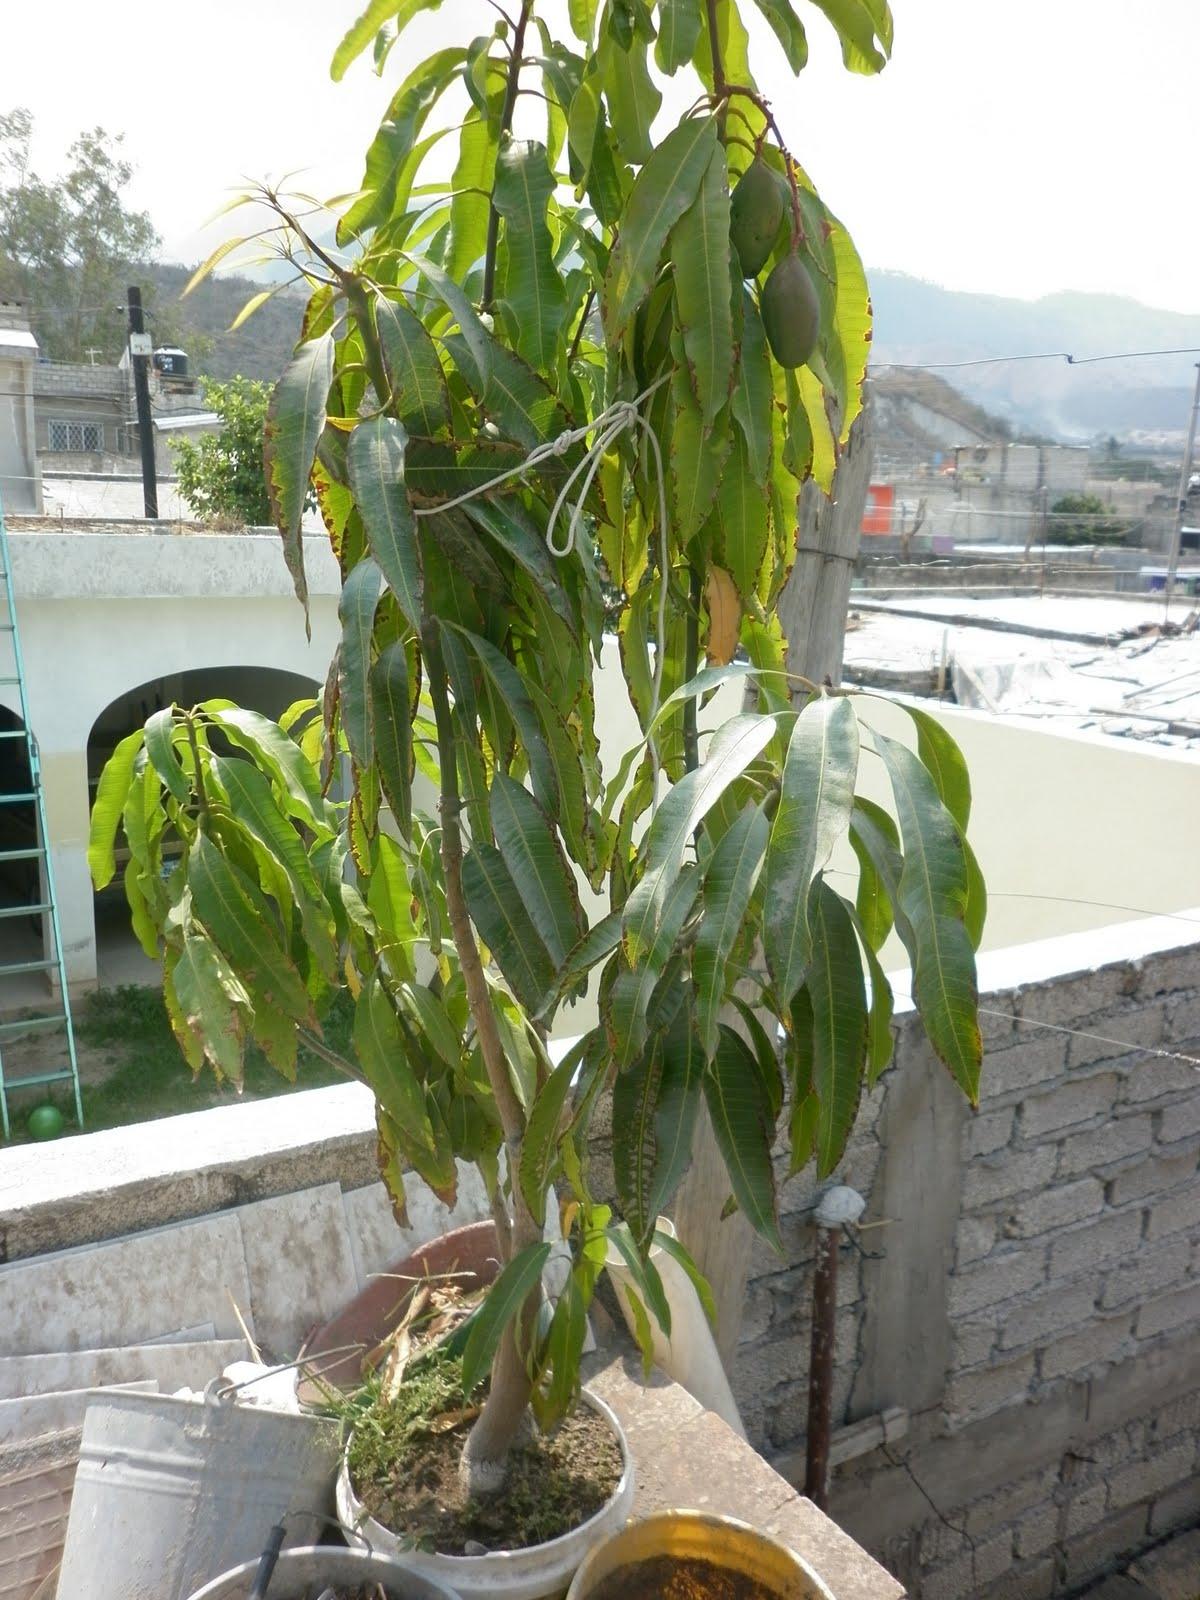 Mango se puede tener en un tiesto o maceta - Plantar arboles frutales en macetas ...